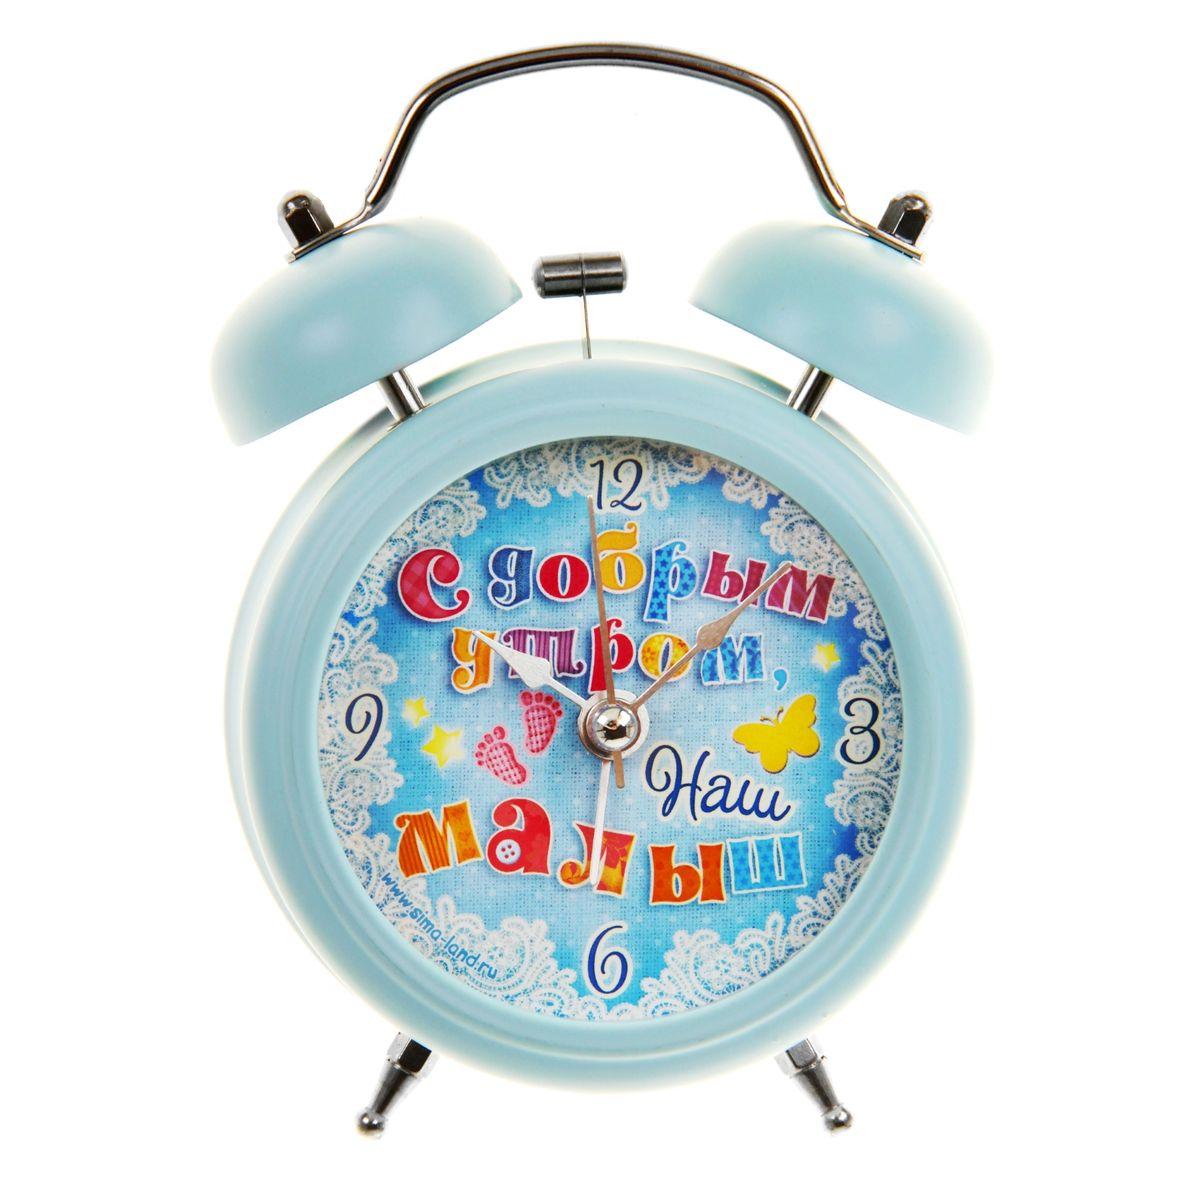 Часы-будильник Sima-land С добрым утром, малышVT-6606(BK)Как же сложно иногда вставать вовремя! Всегда так хочется поспать еще хотя бы 5 минут и бывает, что мы просыпаем. Теперь этого не случится! Яркий, оригинальный будильник Sima-land С добрым утром, малыш поможет вам всегда вставать в нужное время и успевать везде и всюду. Будильник украсит вашу комнату и приведет в восхищение друзей. Время показывает точно и будит в установленный час.На задней панели будильника расположены переключатель включения/выключения механизма, а также два колесика для настройки текущего времени и времени звонка будильника. Также будильник оснащен кнопкой, при нажатии и удержании которой, подсвечивается циферблат. Будильник работает от 1 батарейки типа AA напряжением 1,5V (не входит в комплект).